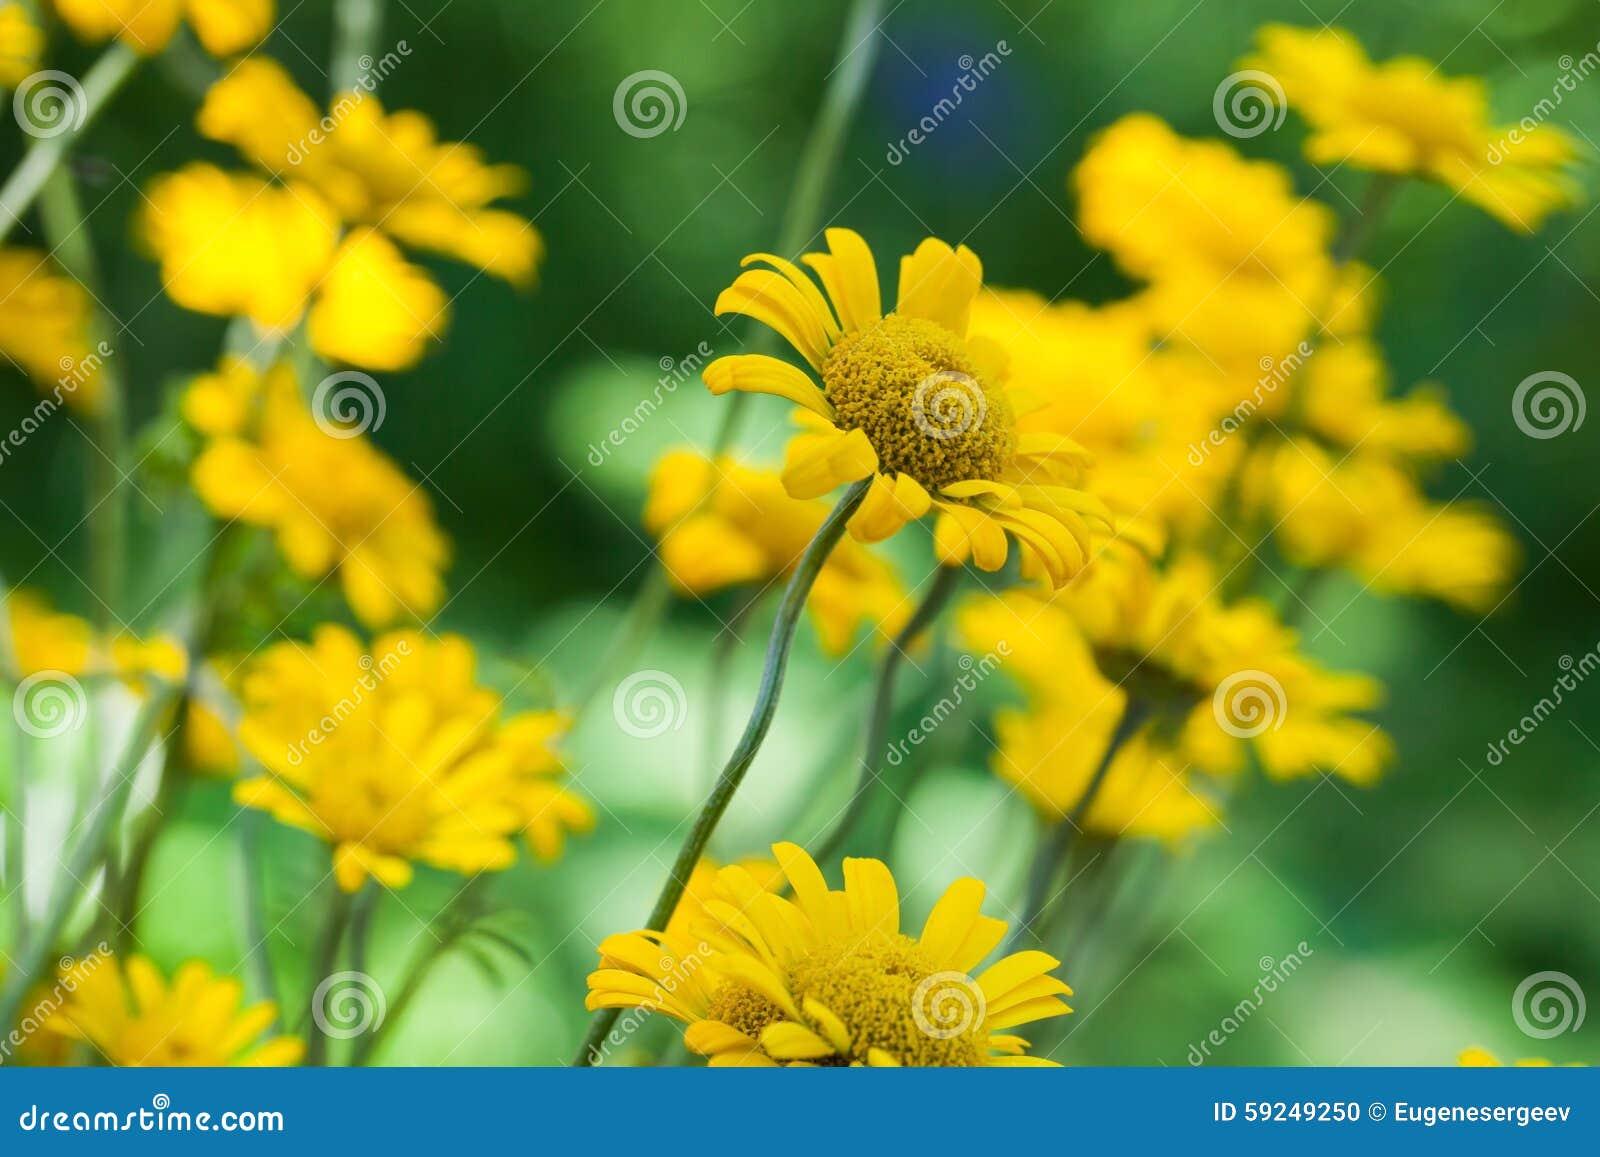 Flores amarillas brillantes del helenium en el jardín